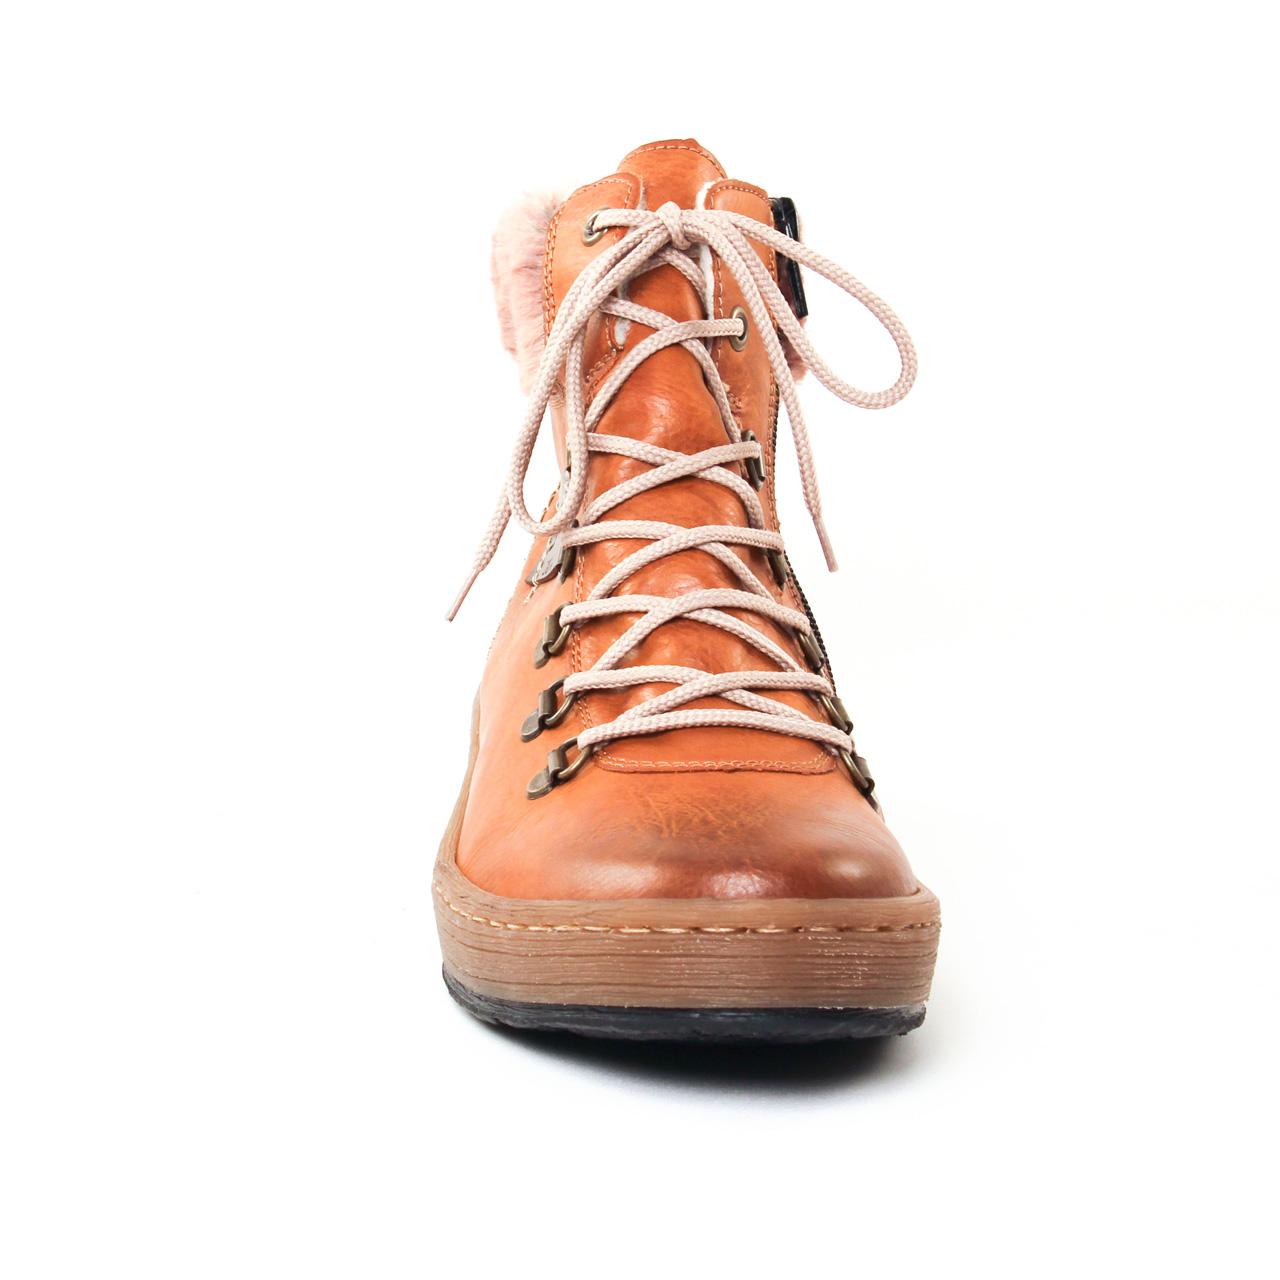 rieker z6743 marron | bottine à lacets marron automne hiver 2017